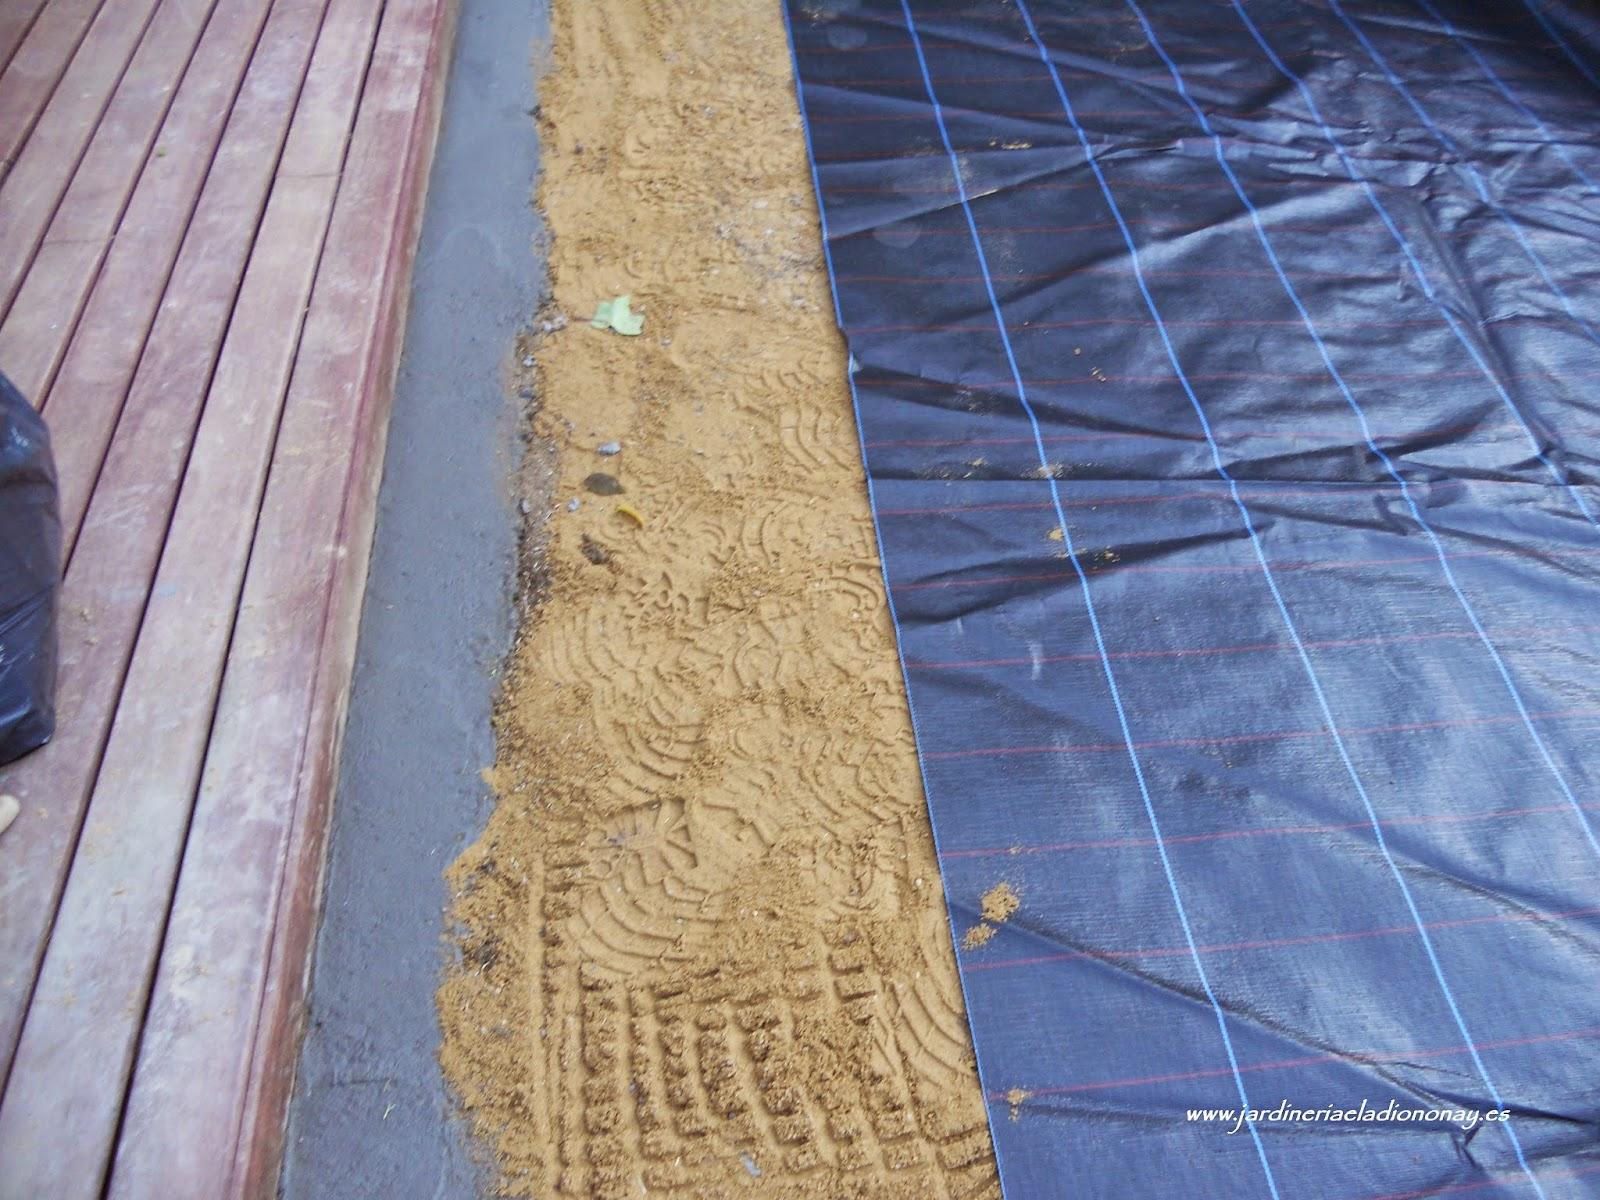 Jardineria eladio nonay como instalar c sped artificial - Como instalar cesped artificial sobre tierra ...